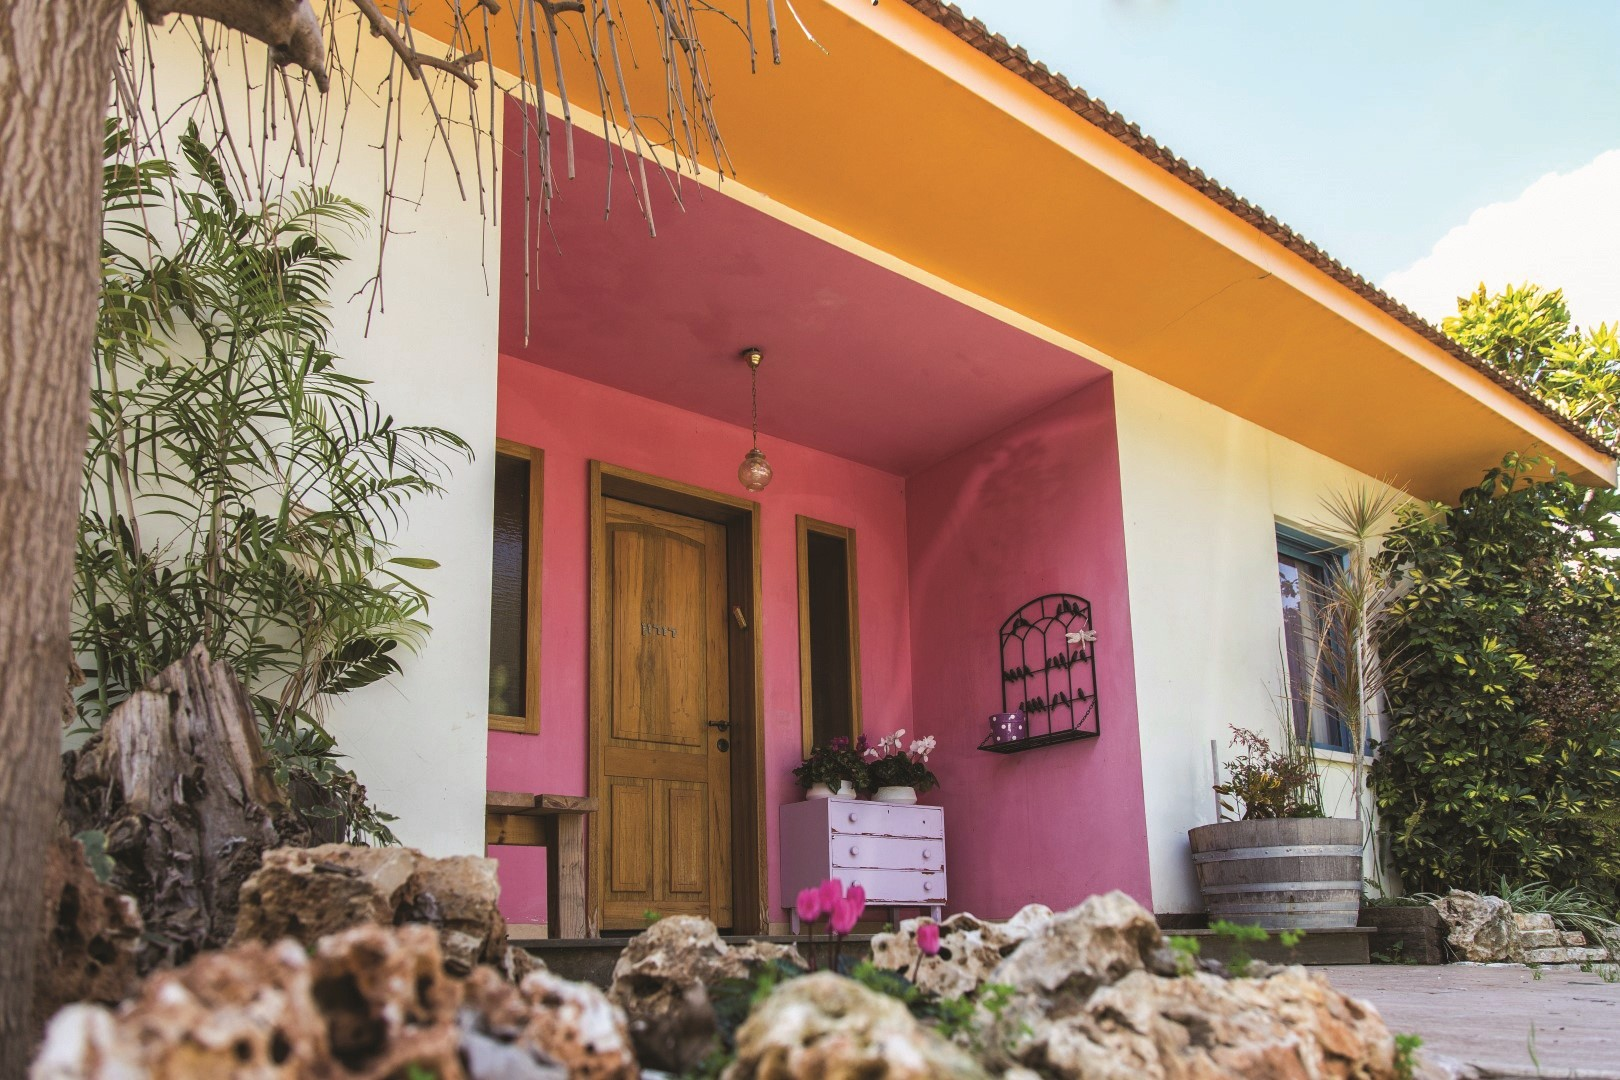 כניסה לבית עיצוב עדי קמחי צילום אבי מורג